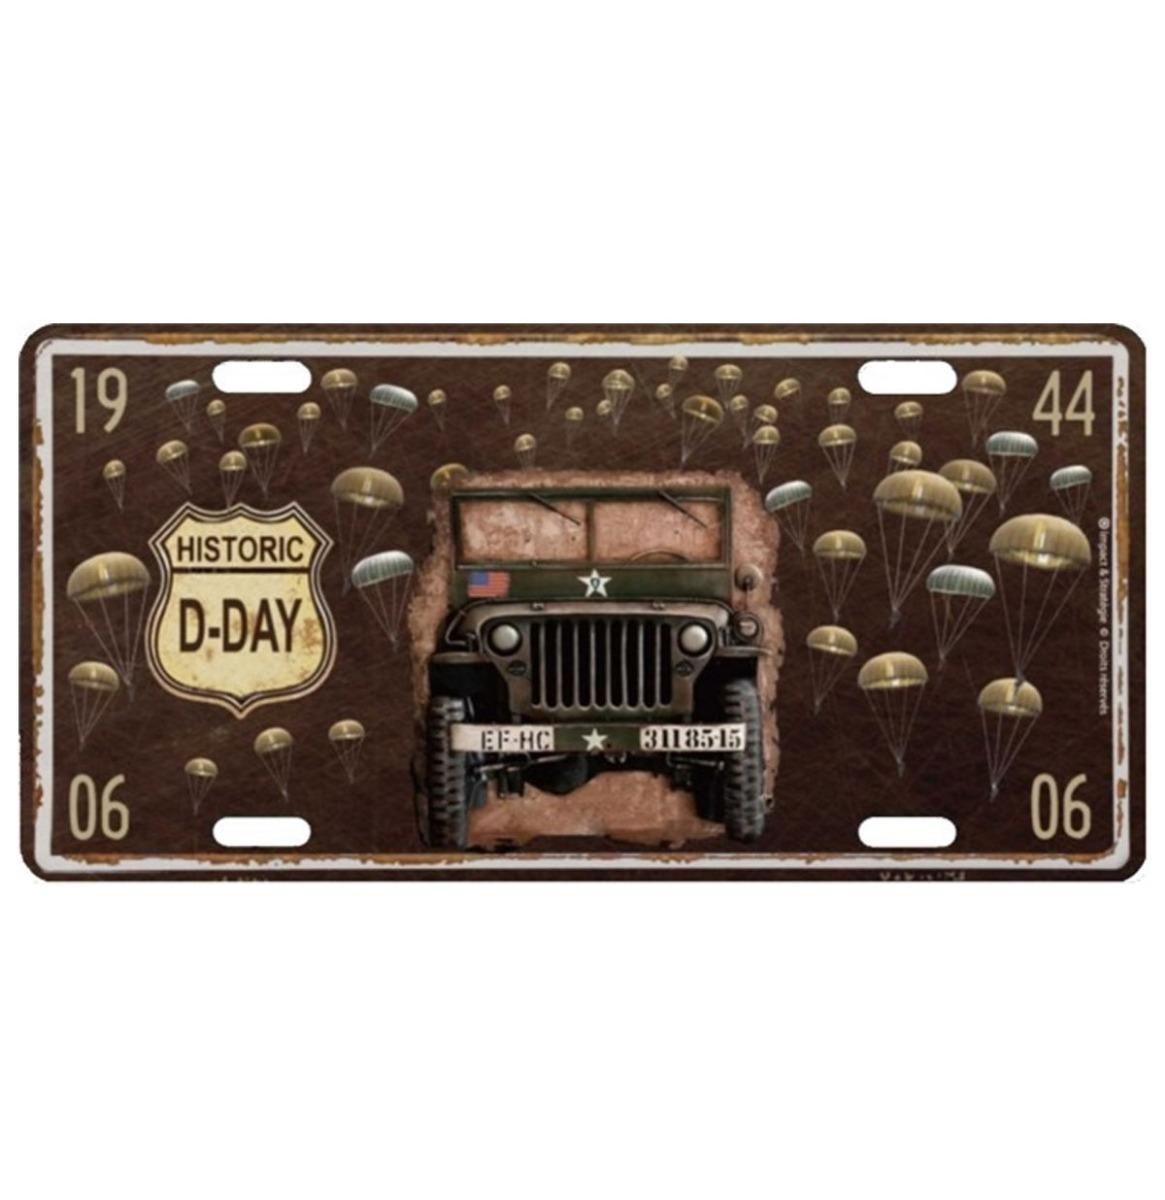 D-Day Metalen Kentekenplaat Met Reliëf